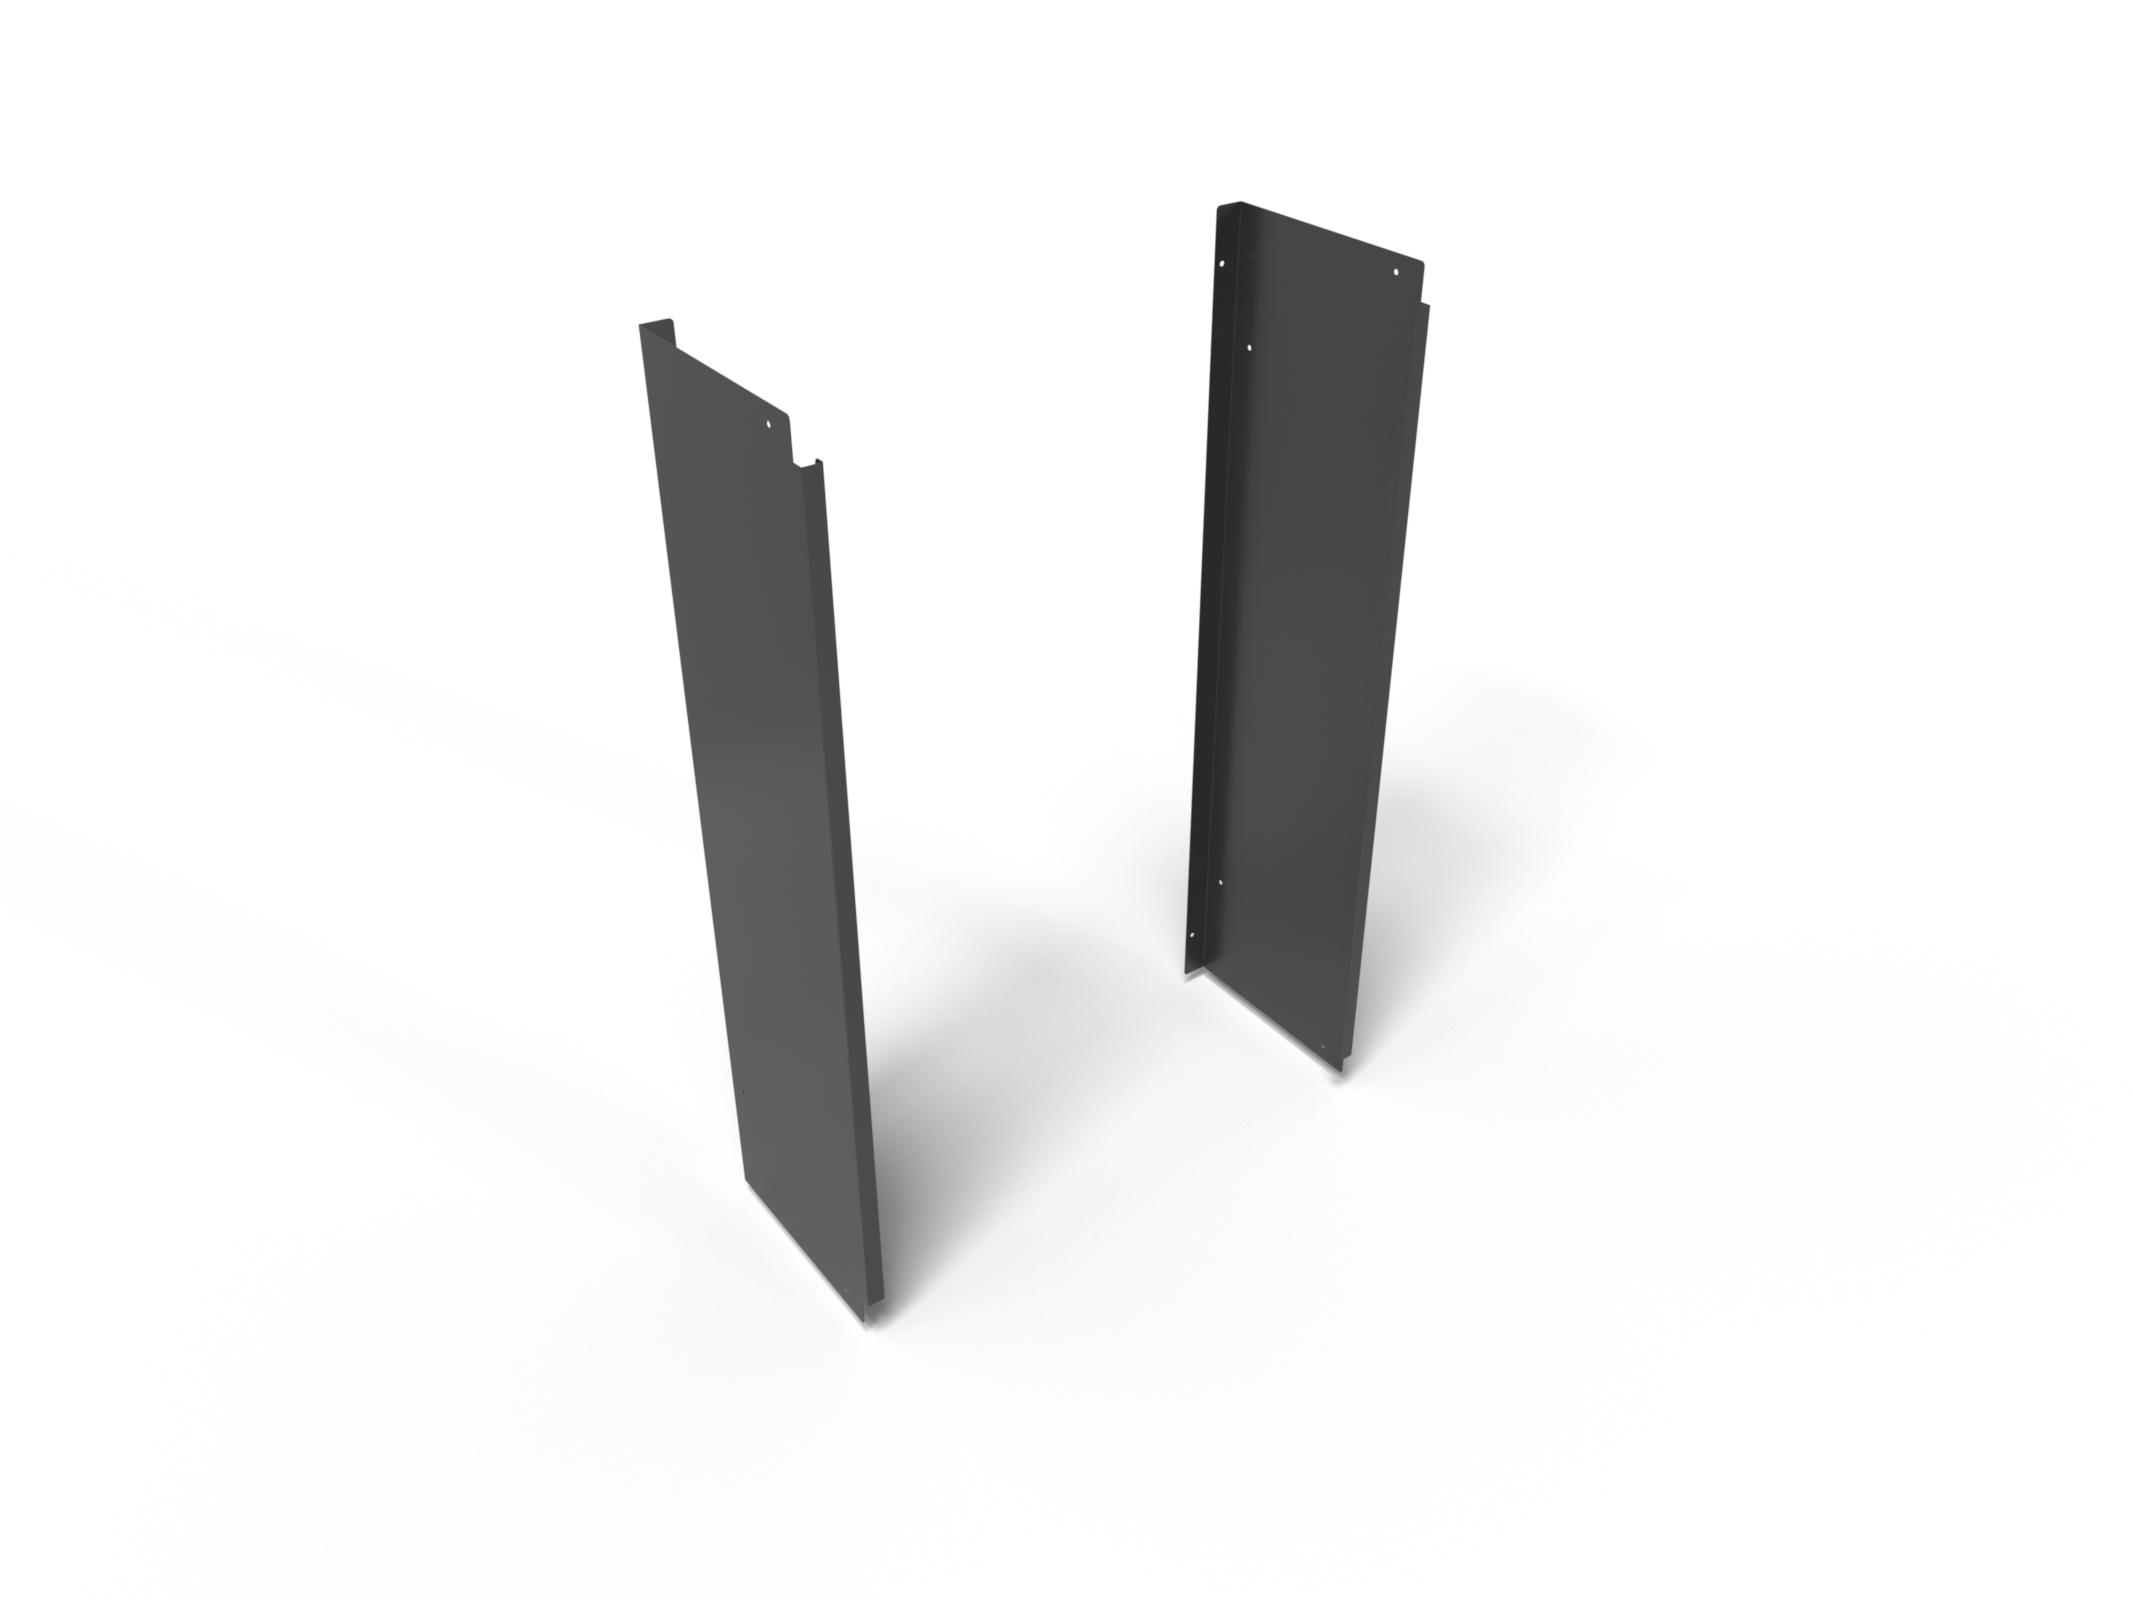 Base End Panels